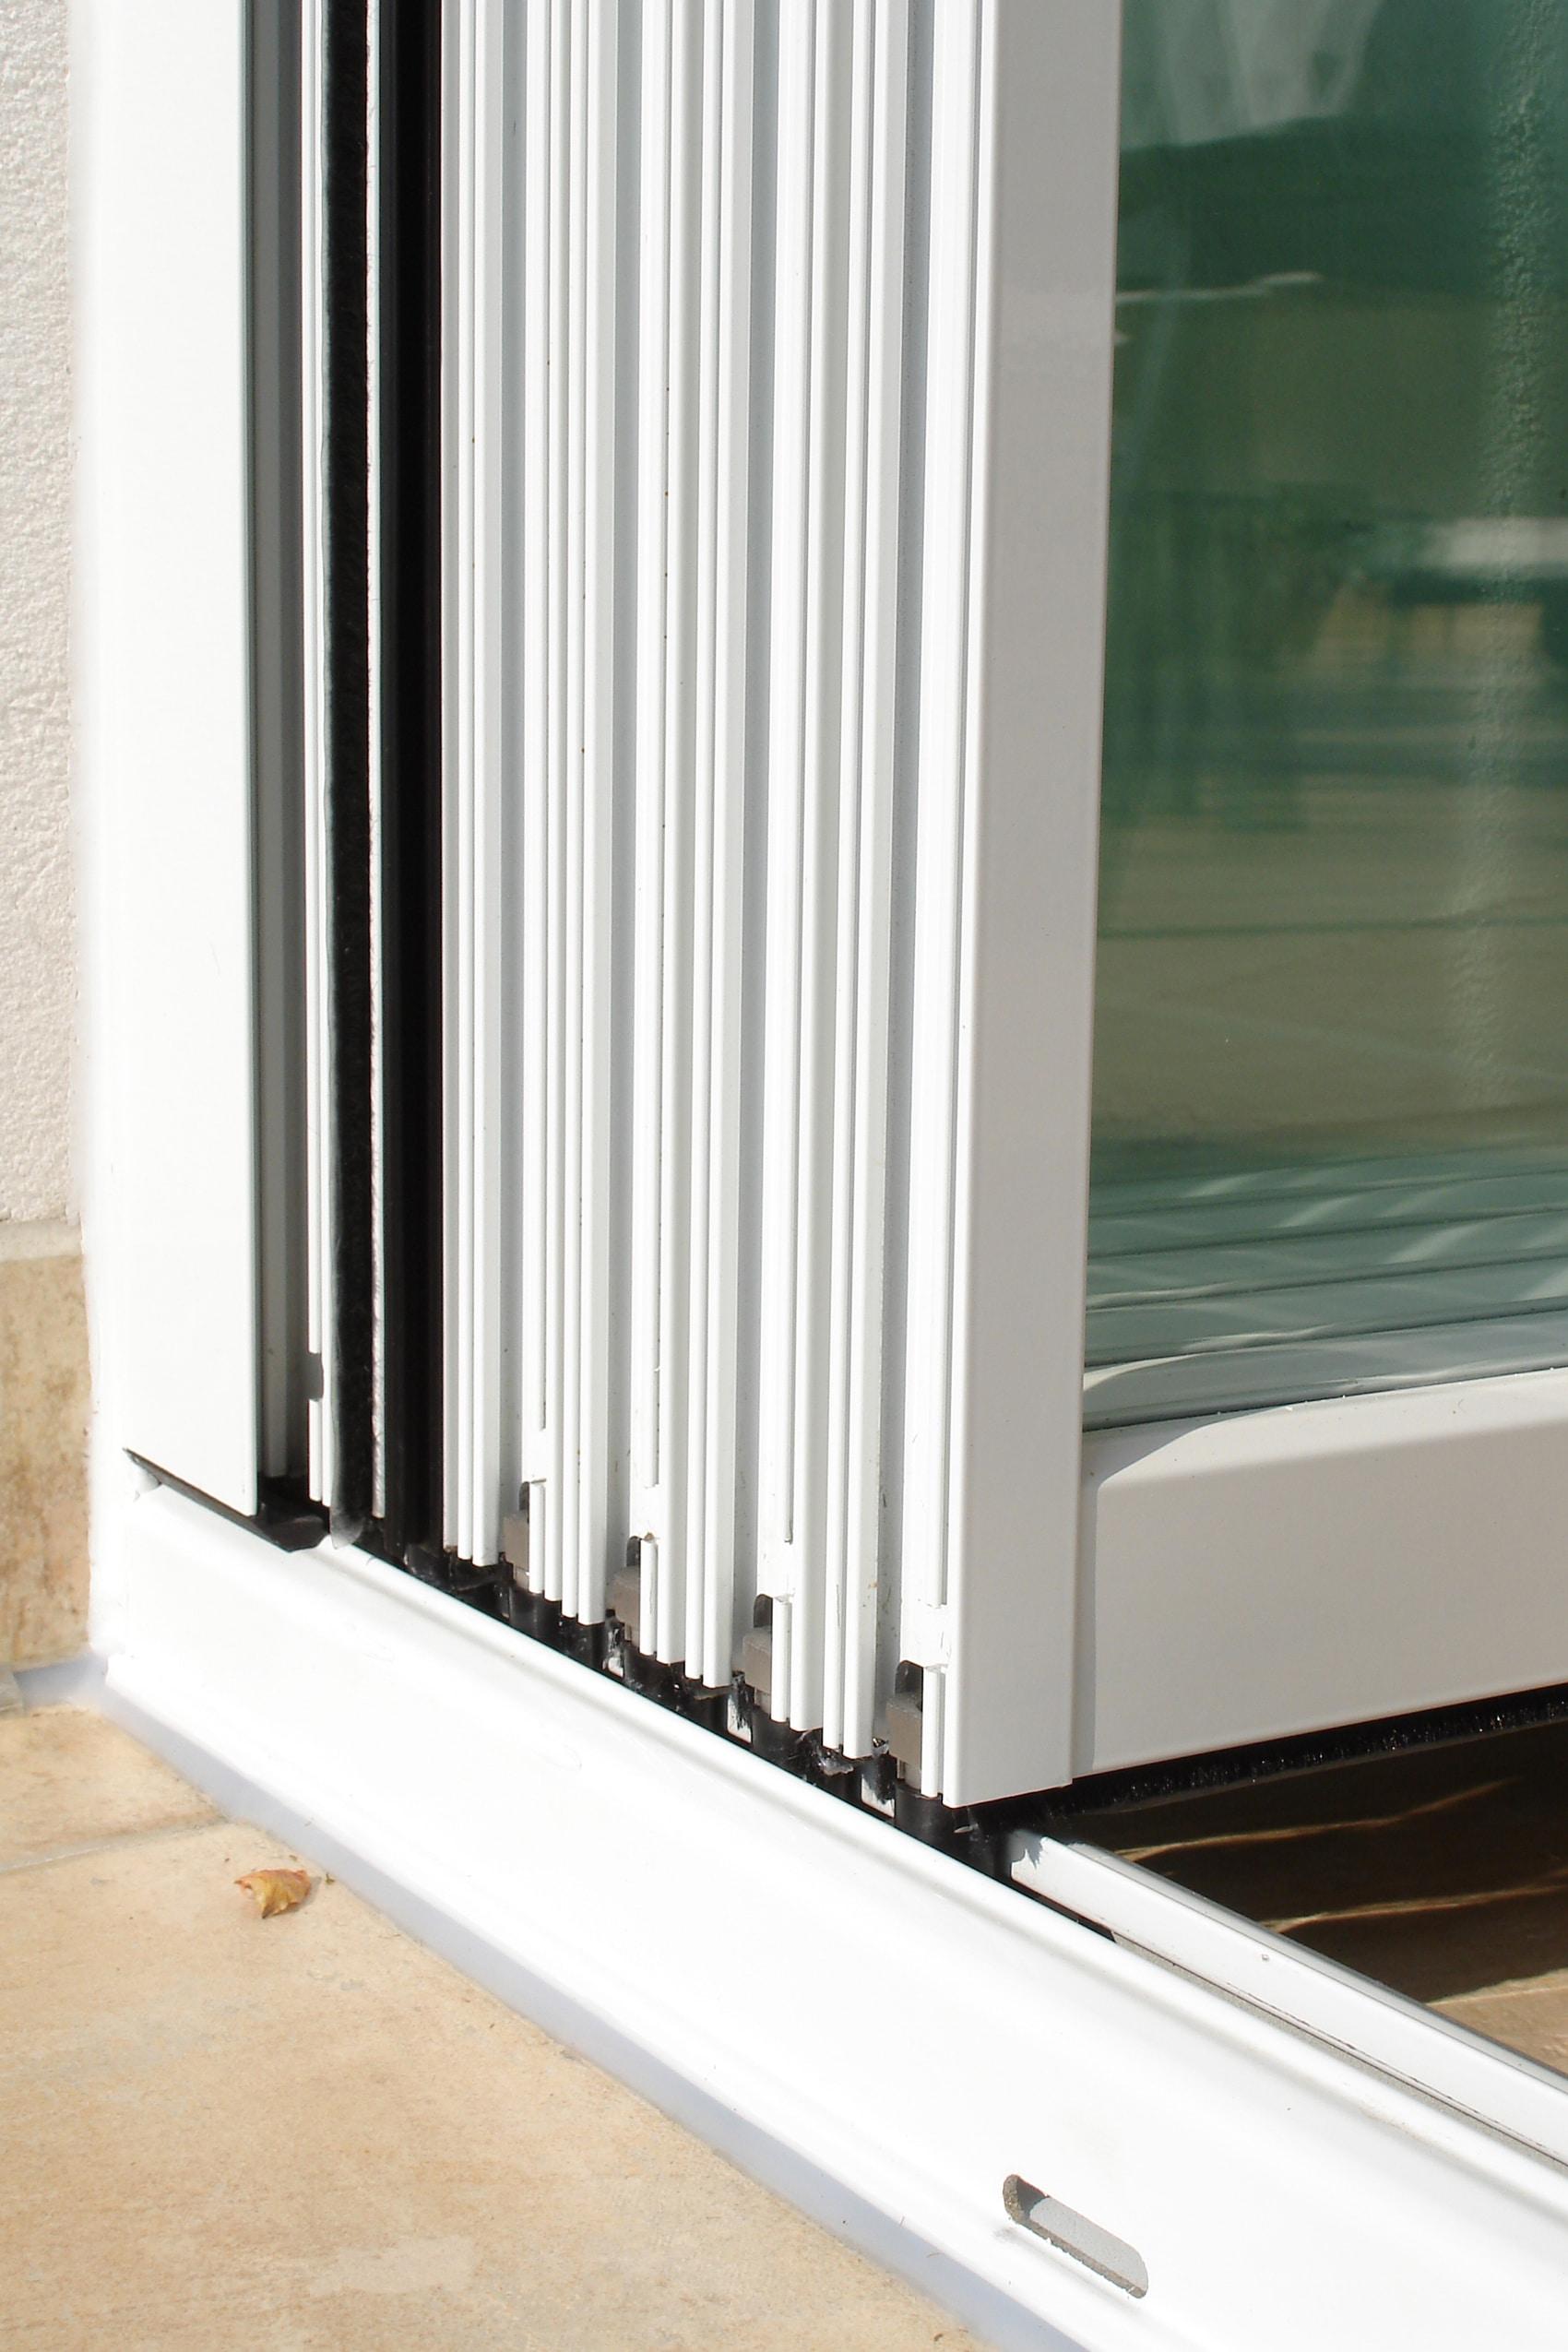 Schiebe-Dreh-Tür mit Rahmen für Terrasse